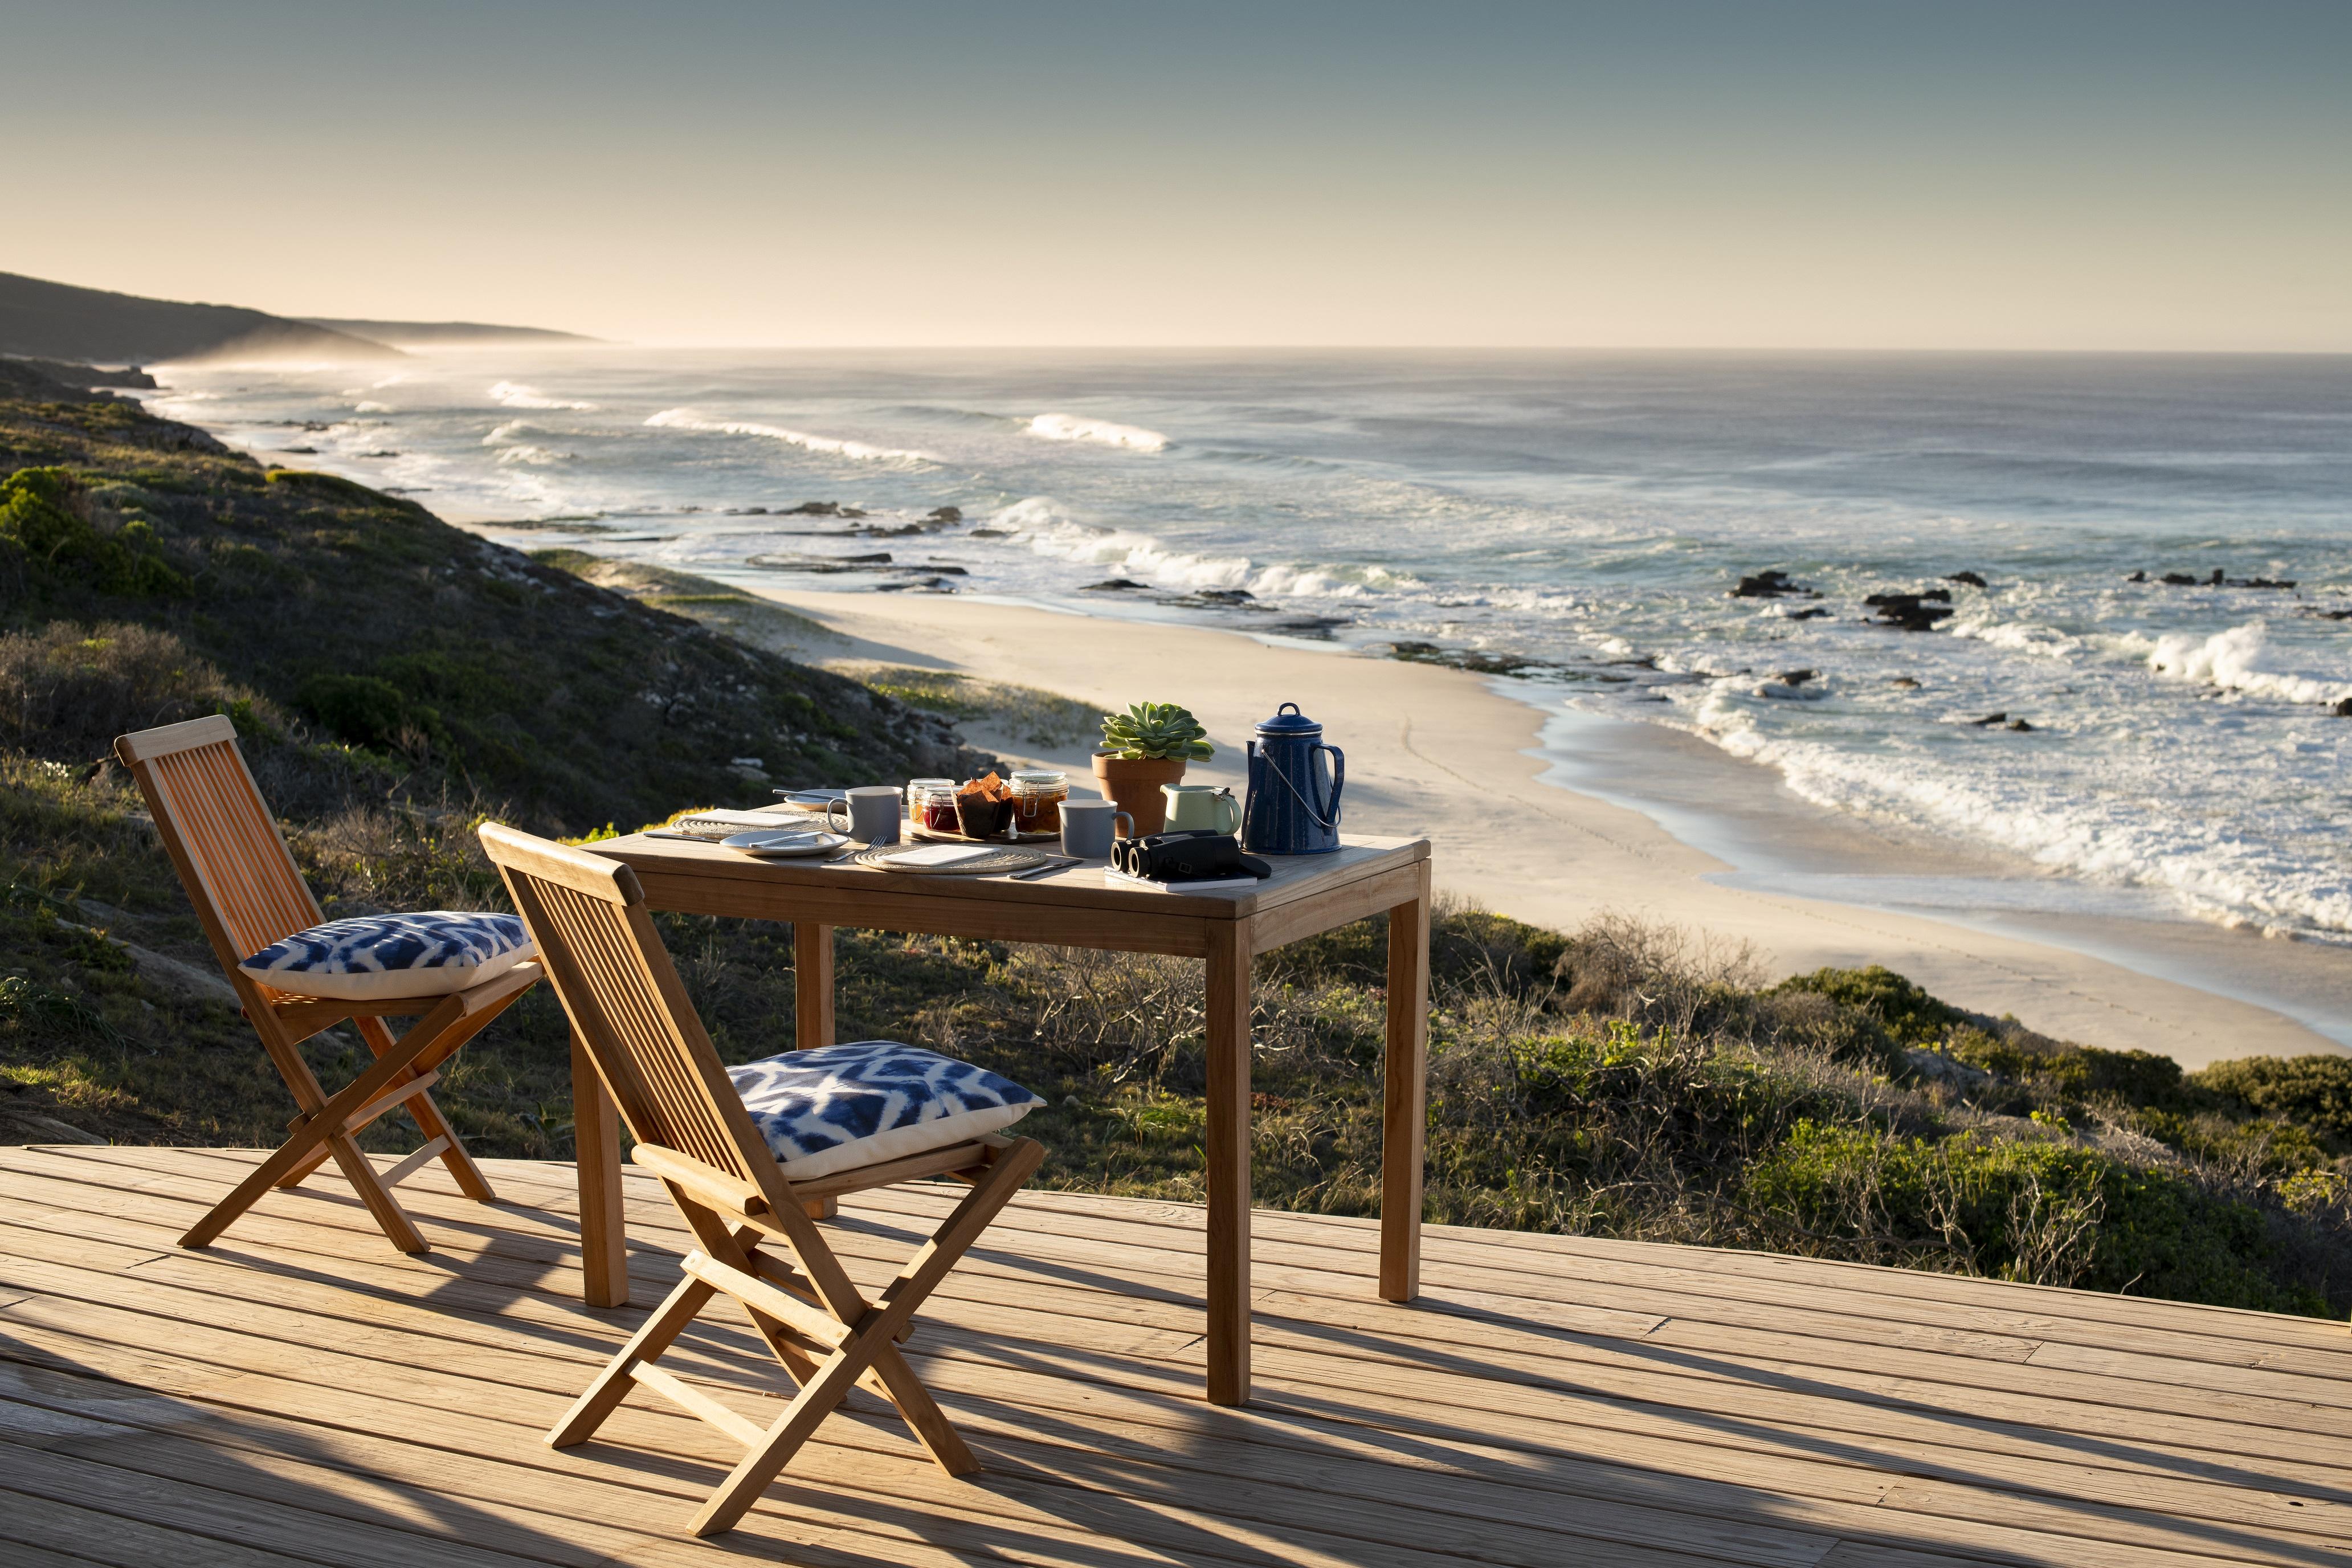 Lekkerwater Beach Lodge - Breakfast on the veranda